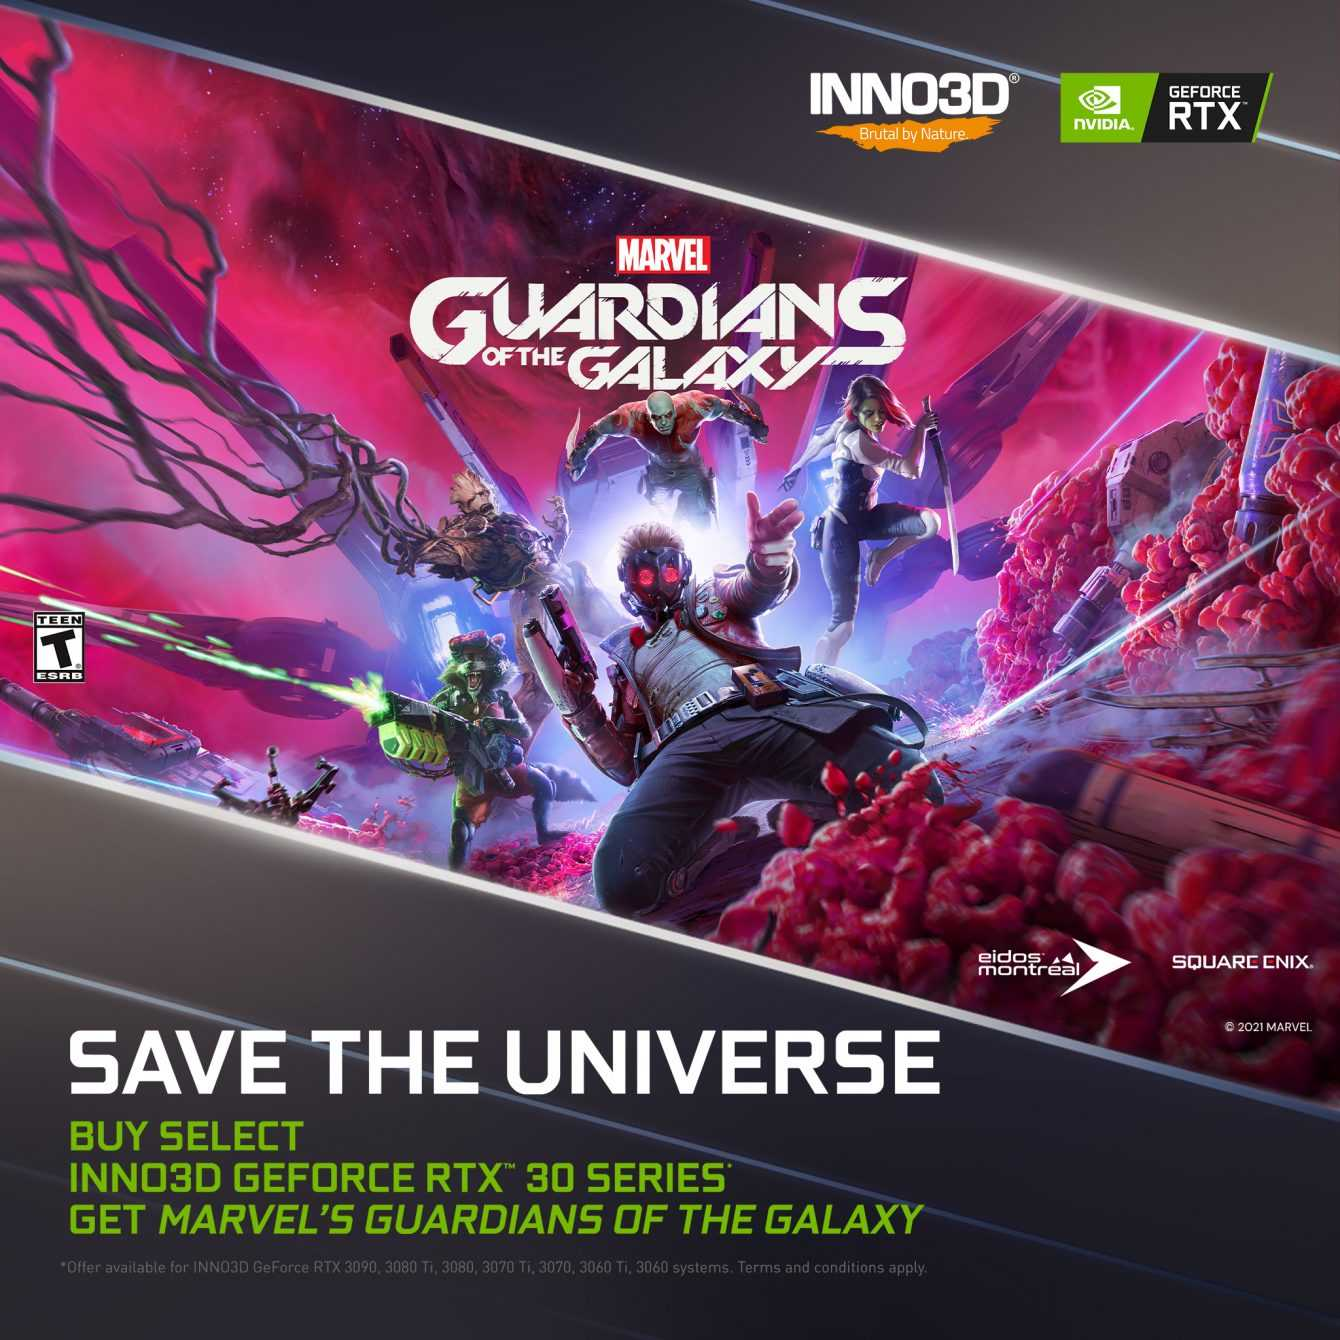 INNO3D regala Marvel's Guardians of the Galaxy con le sue NVIDIA RTX 30